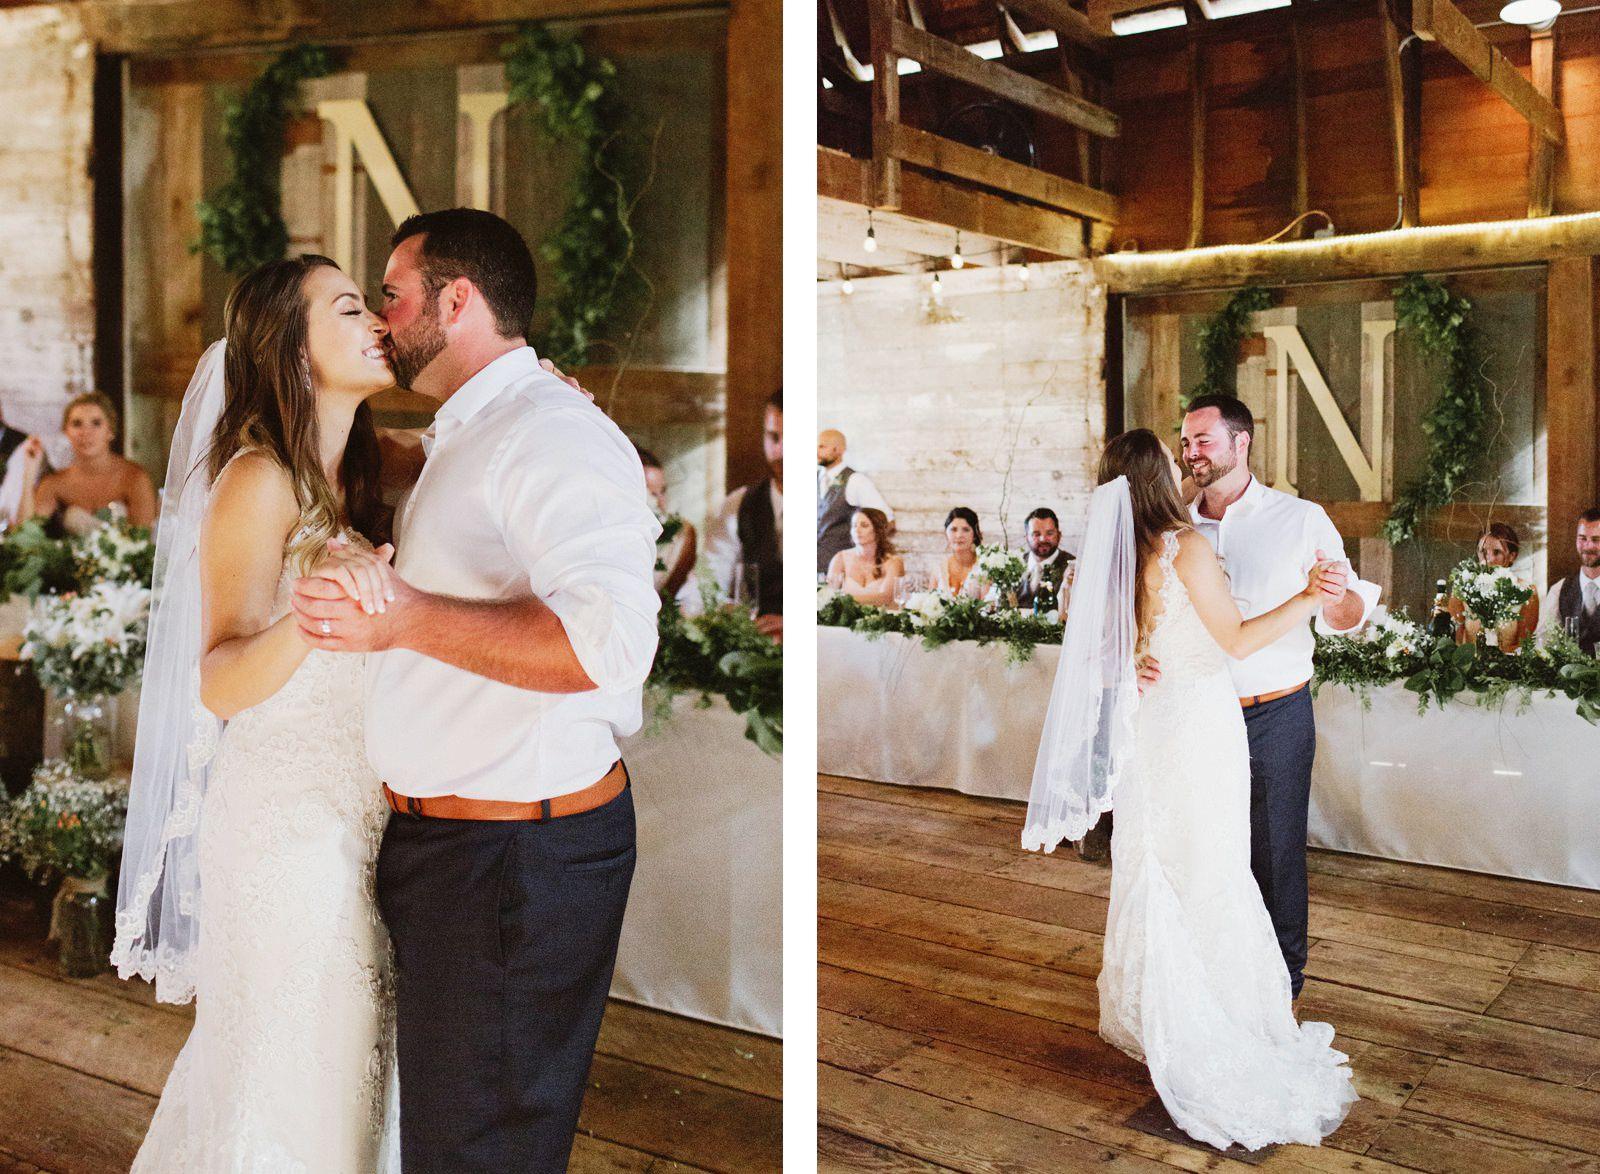 drewtiawna-blog-33 YELLOW BARN WEDDING